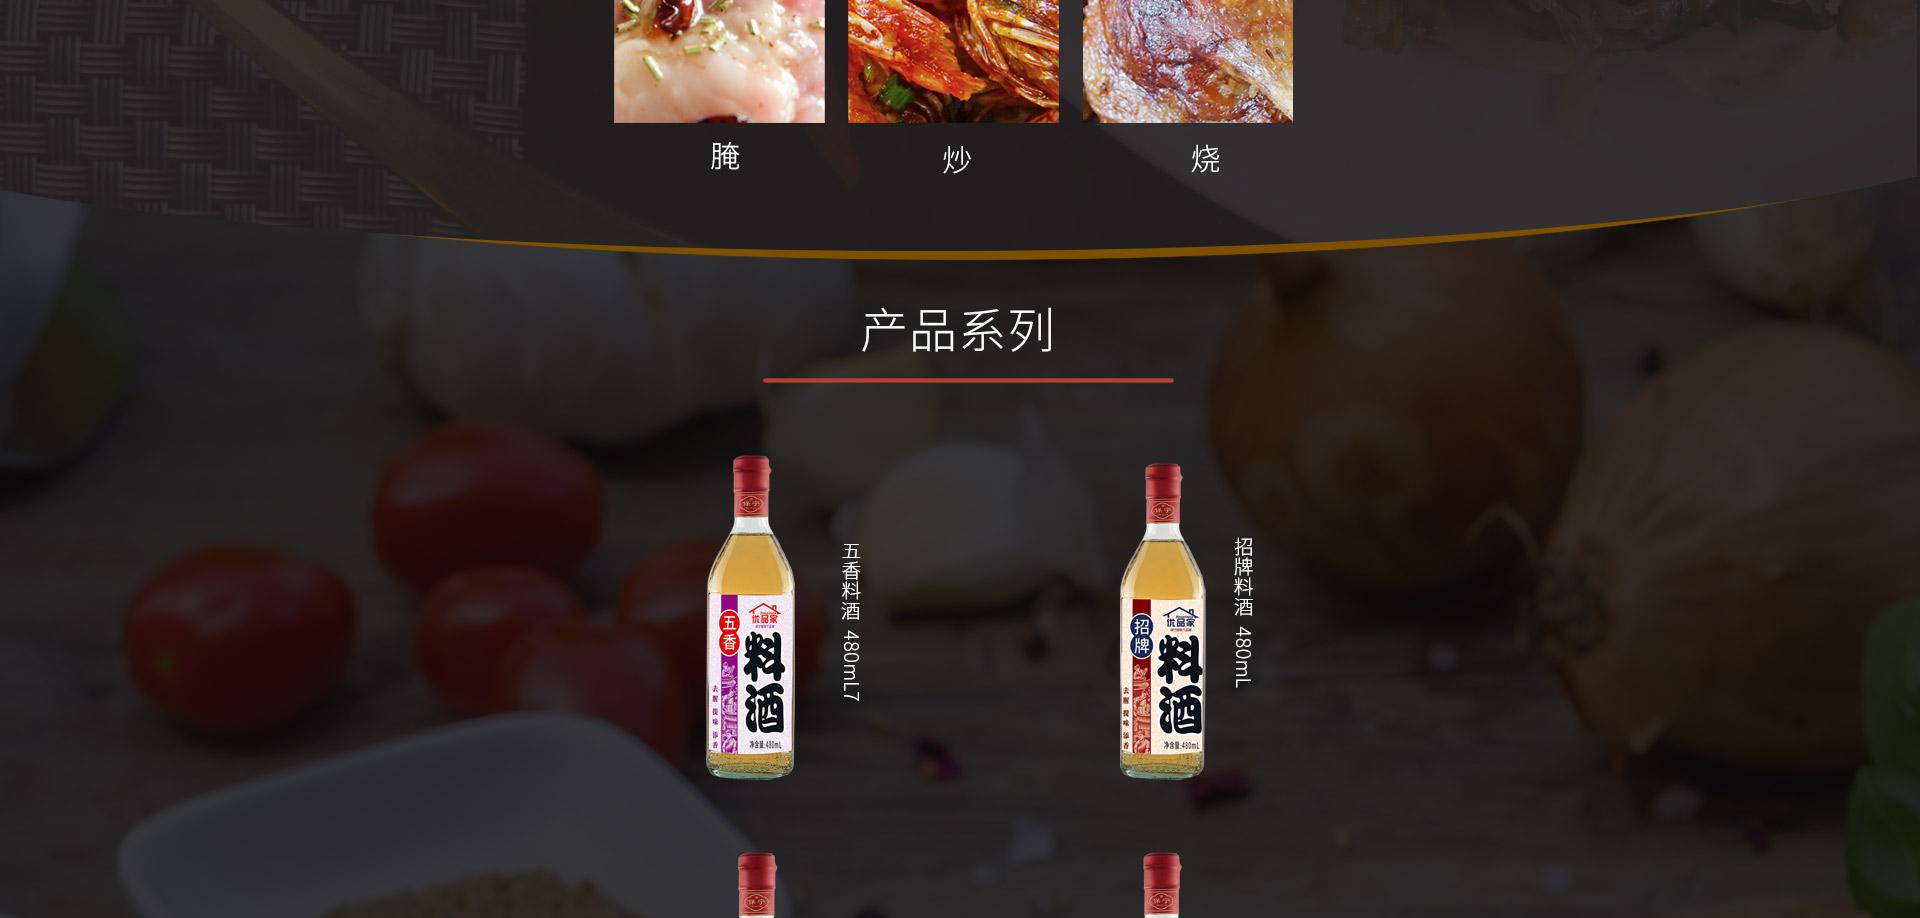 产品-料酒_04.jpg